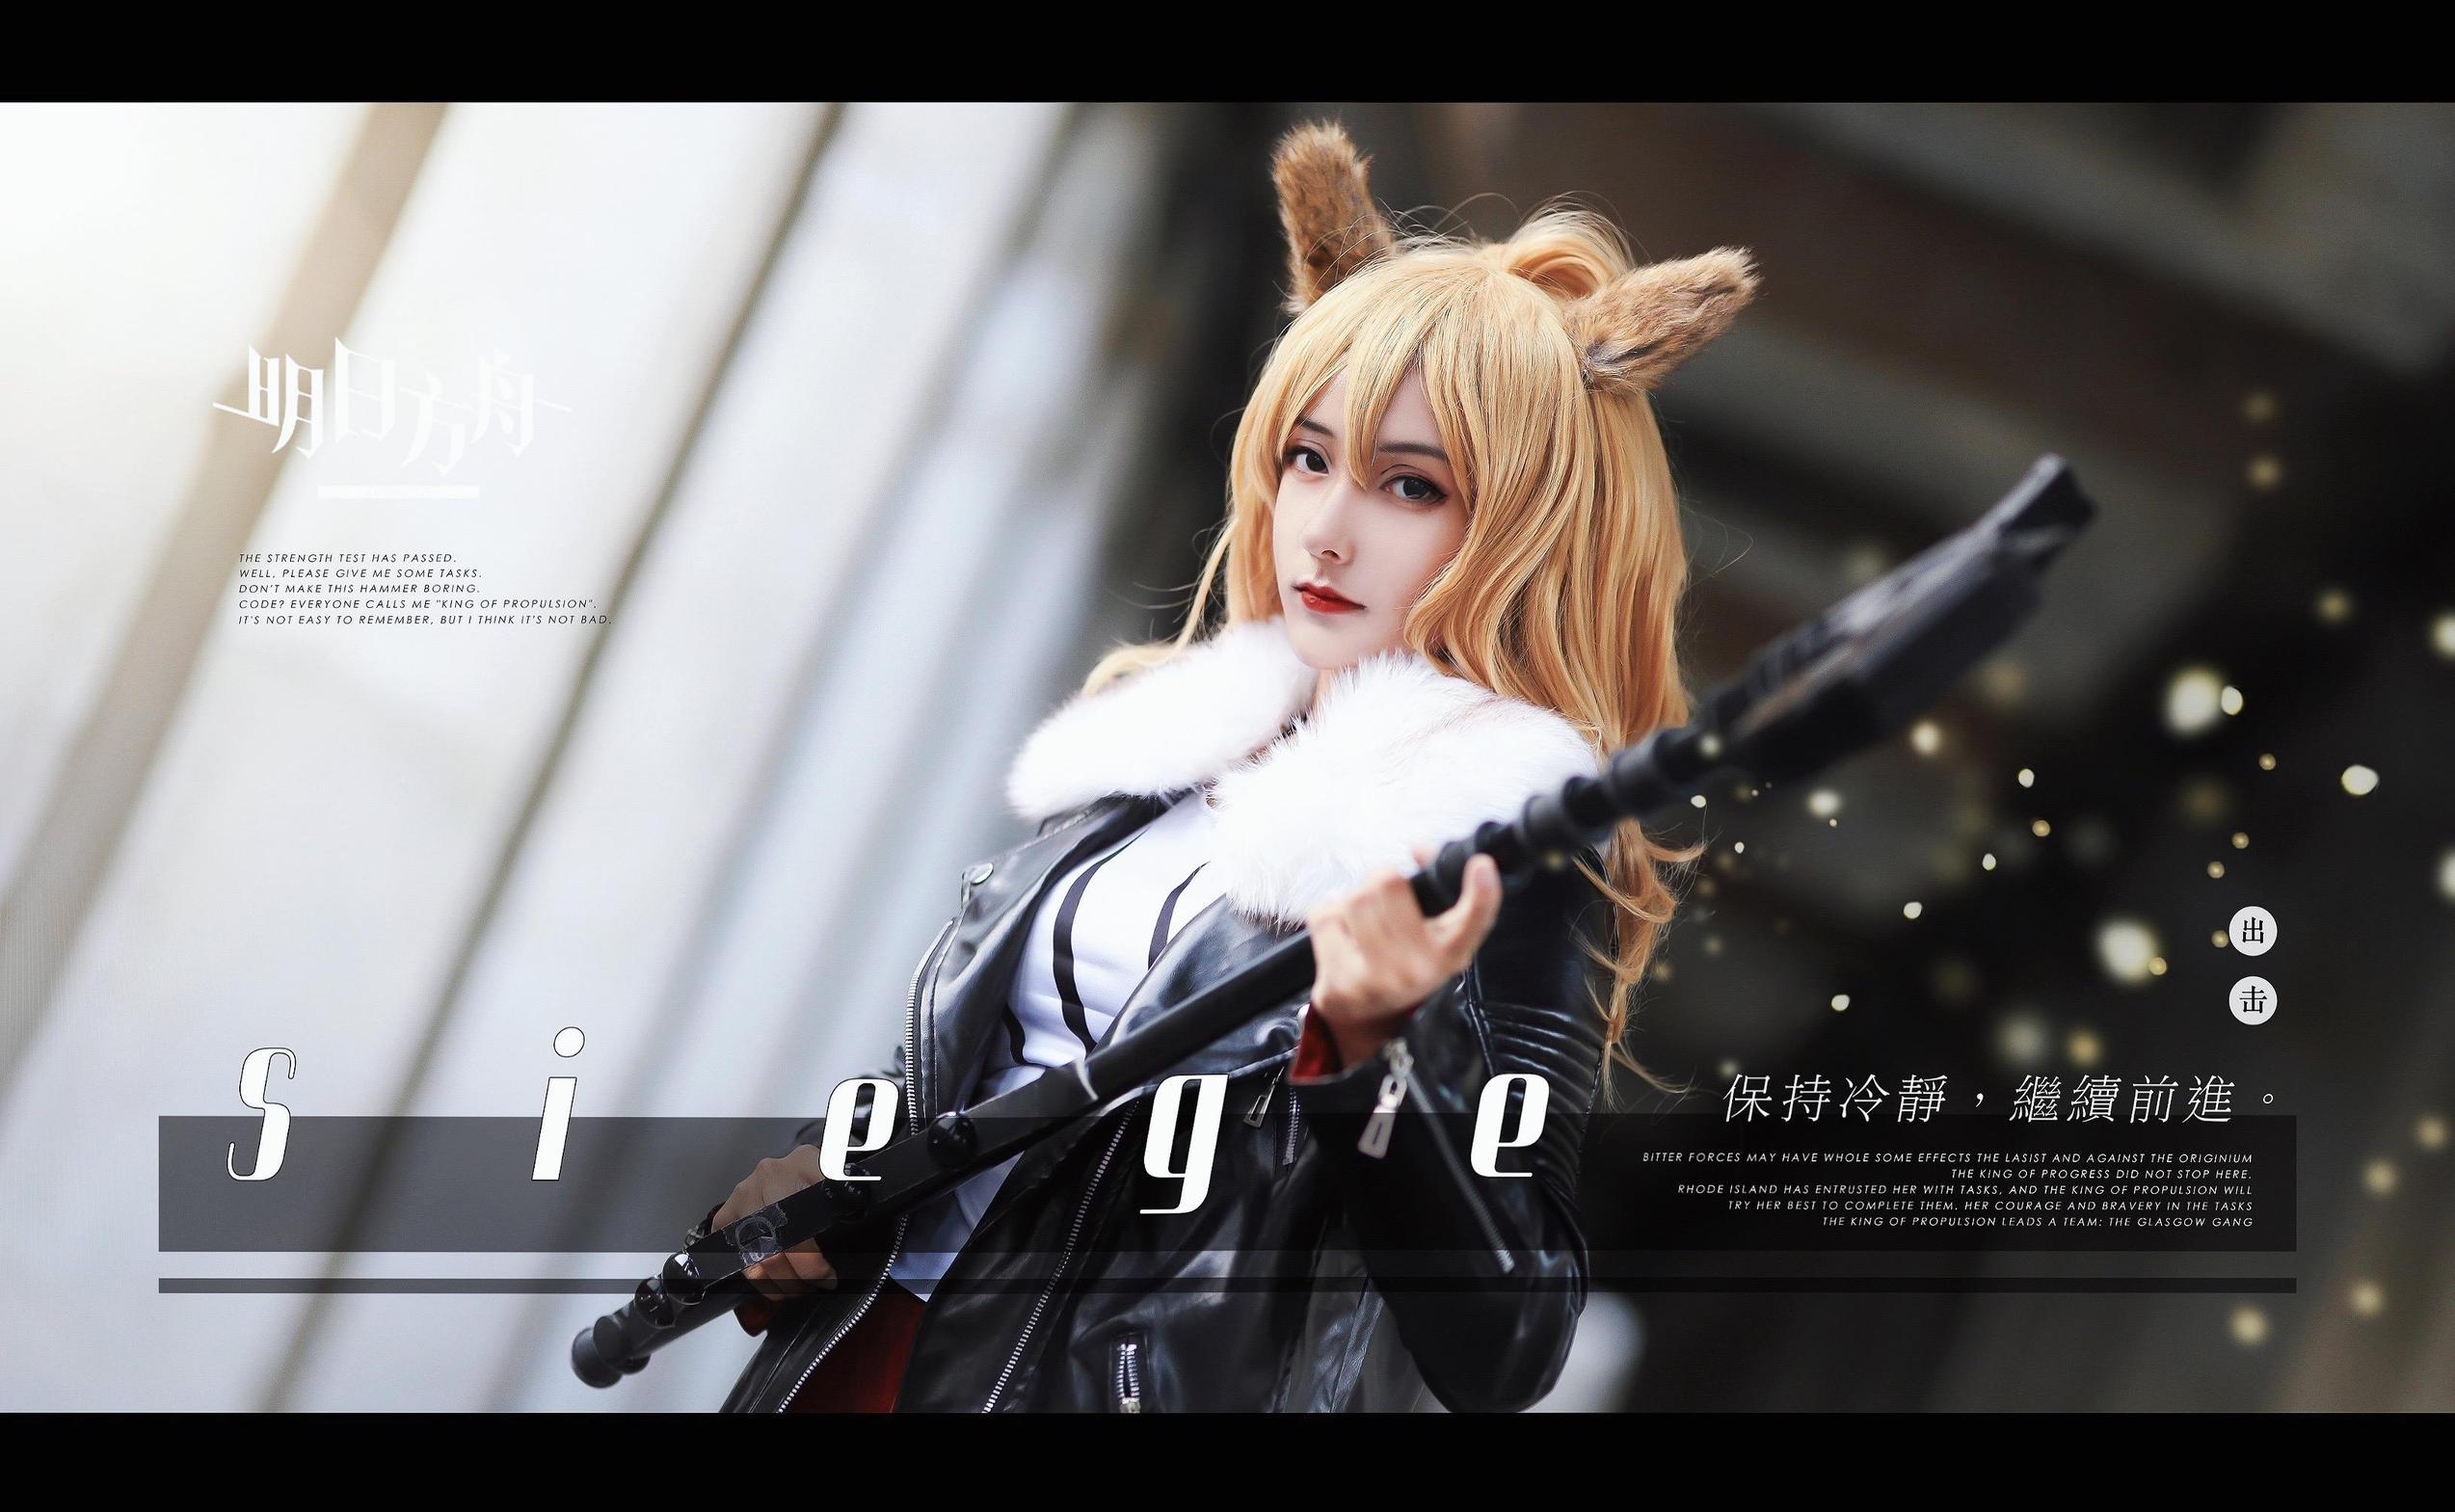 《明日方舟》正片cosplay【CN:赤沅沅子】-第5张